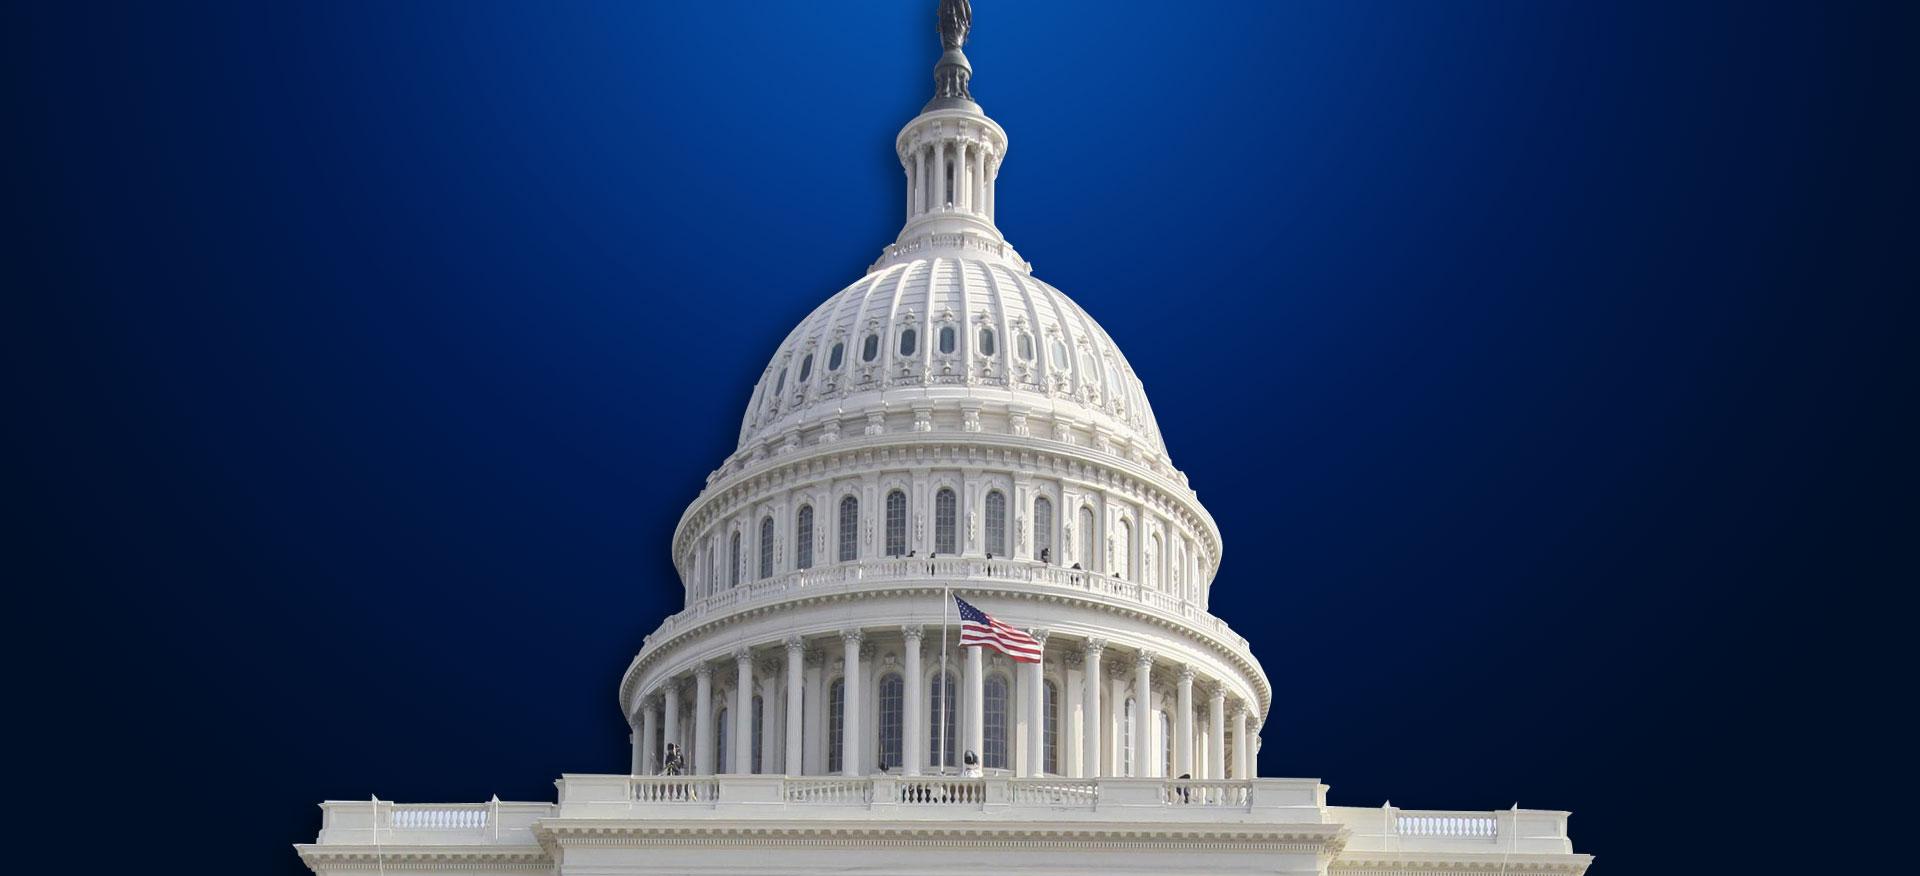 US Capitol U.S. Capitol U.S. Senate US Senate Capitol Hill Washington DC Washington D.C.